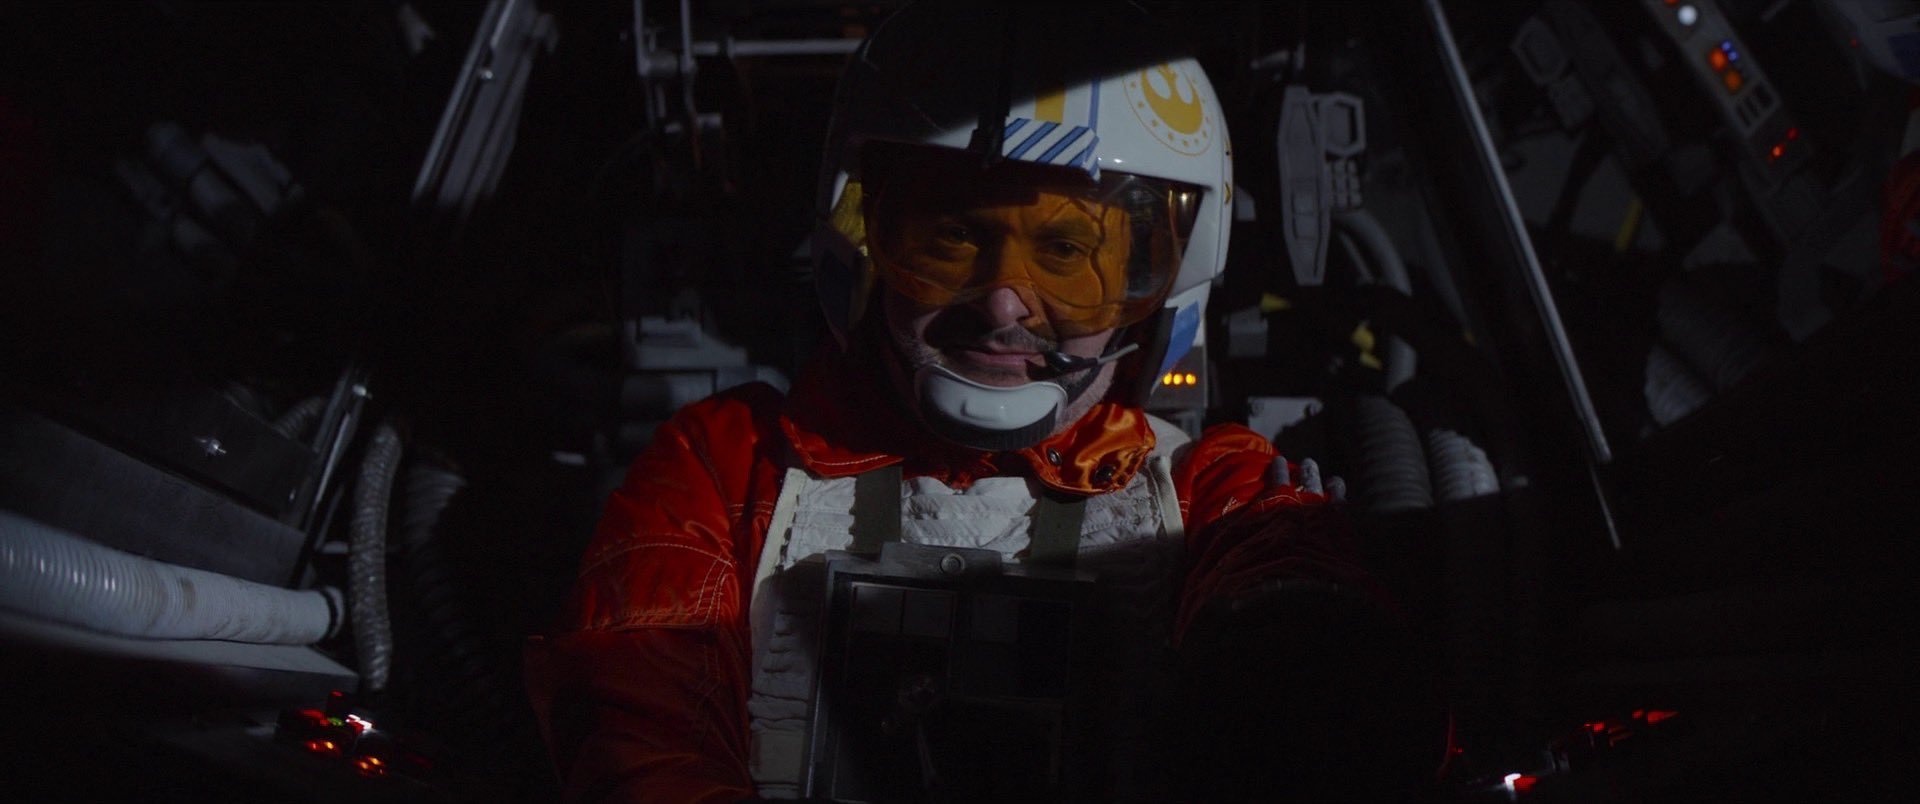 Cena da série The Mandalorian. Na imagem, há um piloto, interpretado por Dave Filoni, homem branco, vestindo um uniforme laranja e um capacete com o símbolo da Nova República. Ele está dentro de uma cabine da nave X-Wing.